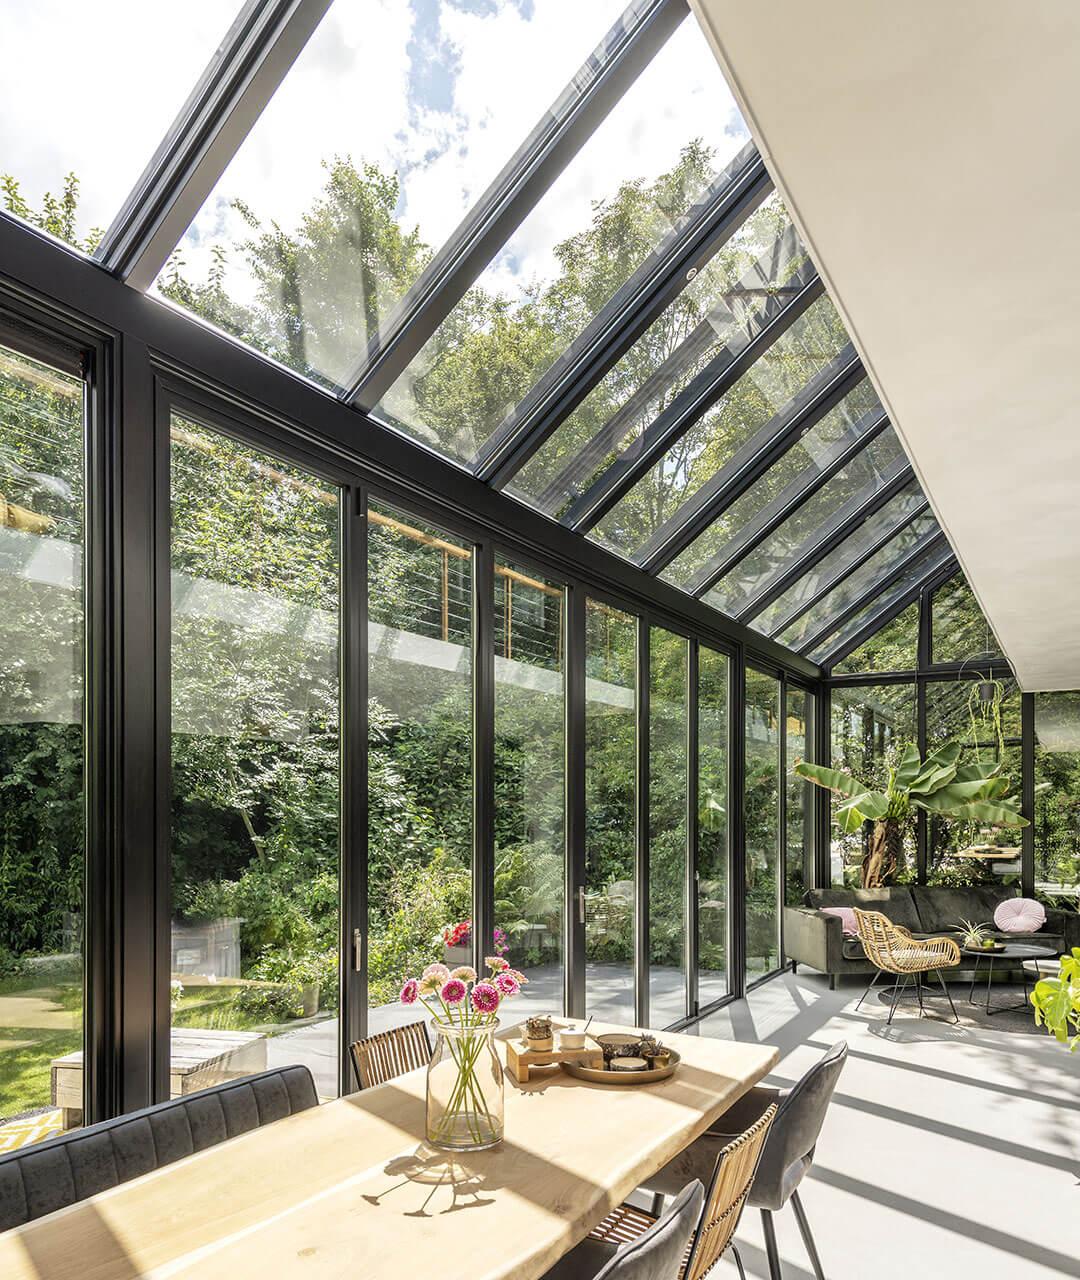 Wintergarten SDL Akzent Plus in dunkelgrau und geschlossener Glas-Faltwand